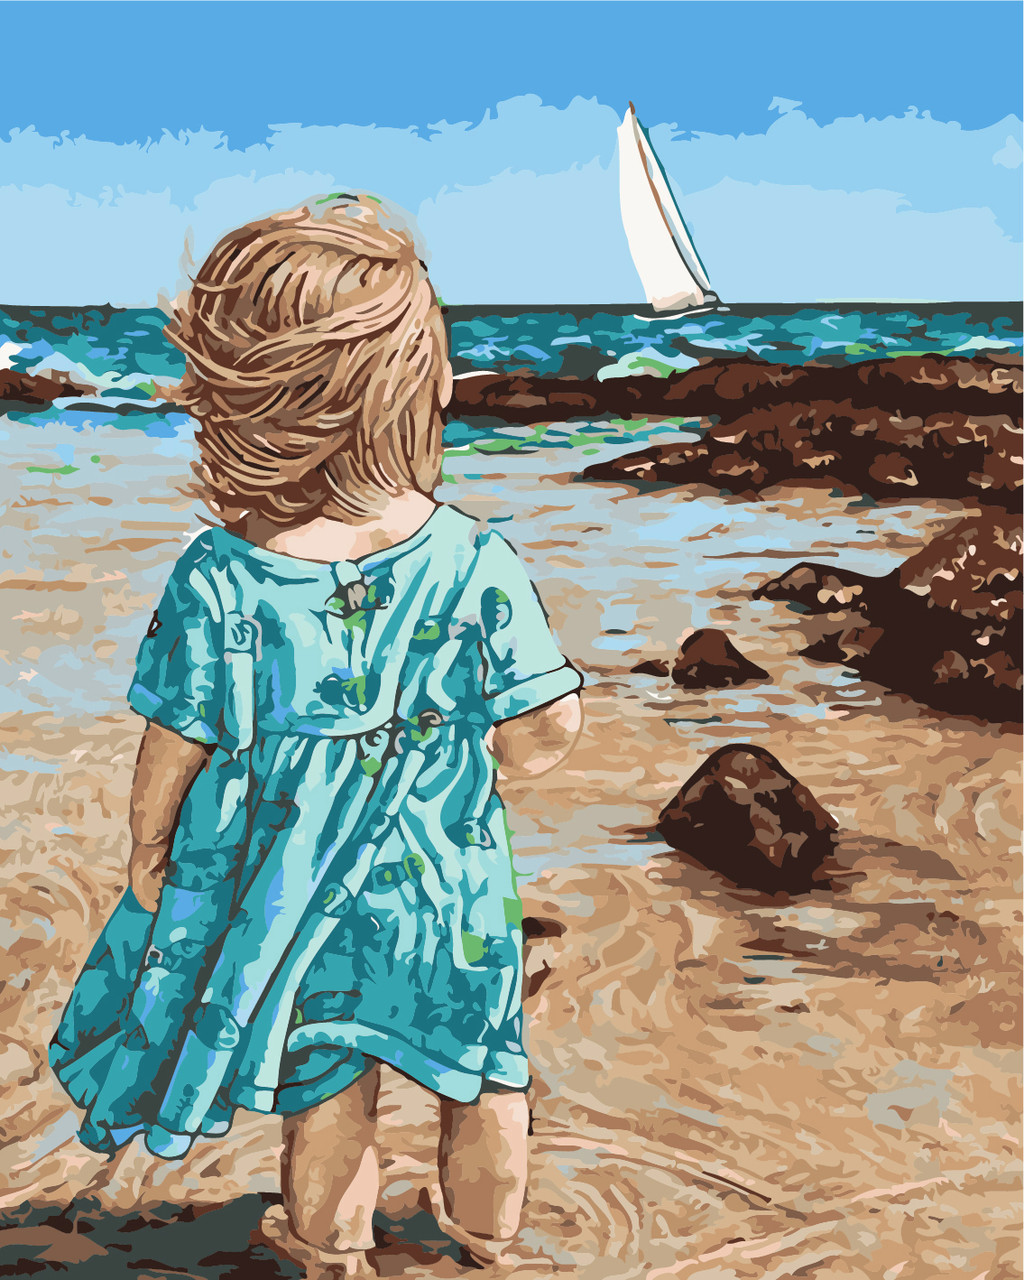 Художественный творческий набор, картина по номерам Маленькая Асоль, 40x50 см, «Art Story» (AS0451)